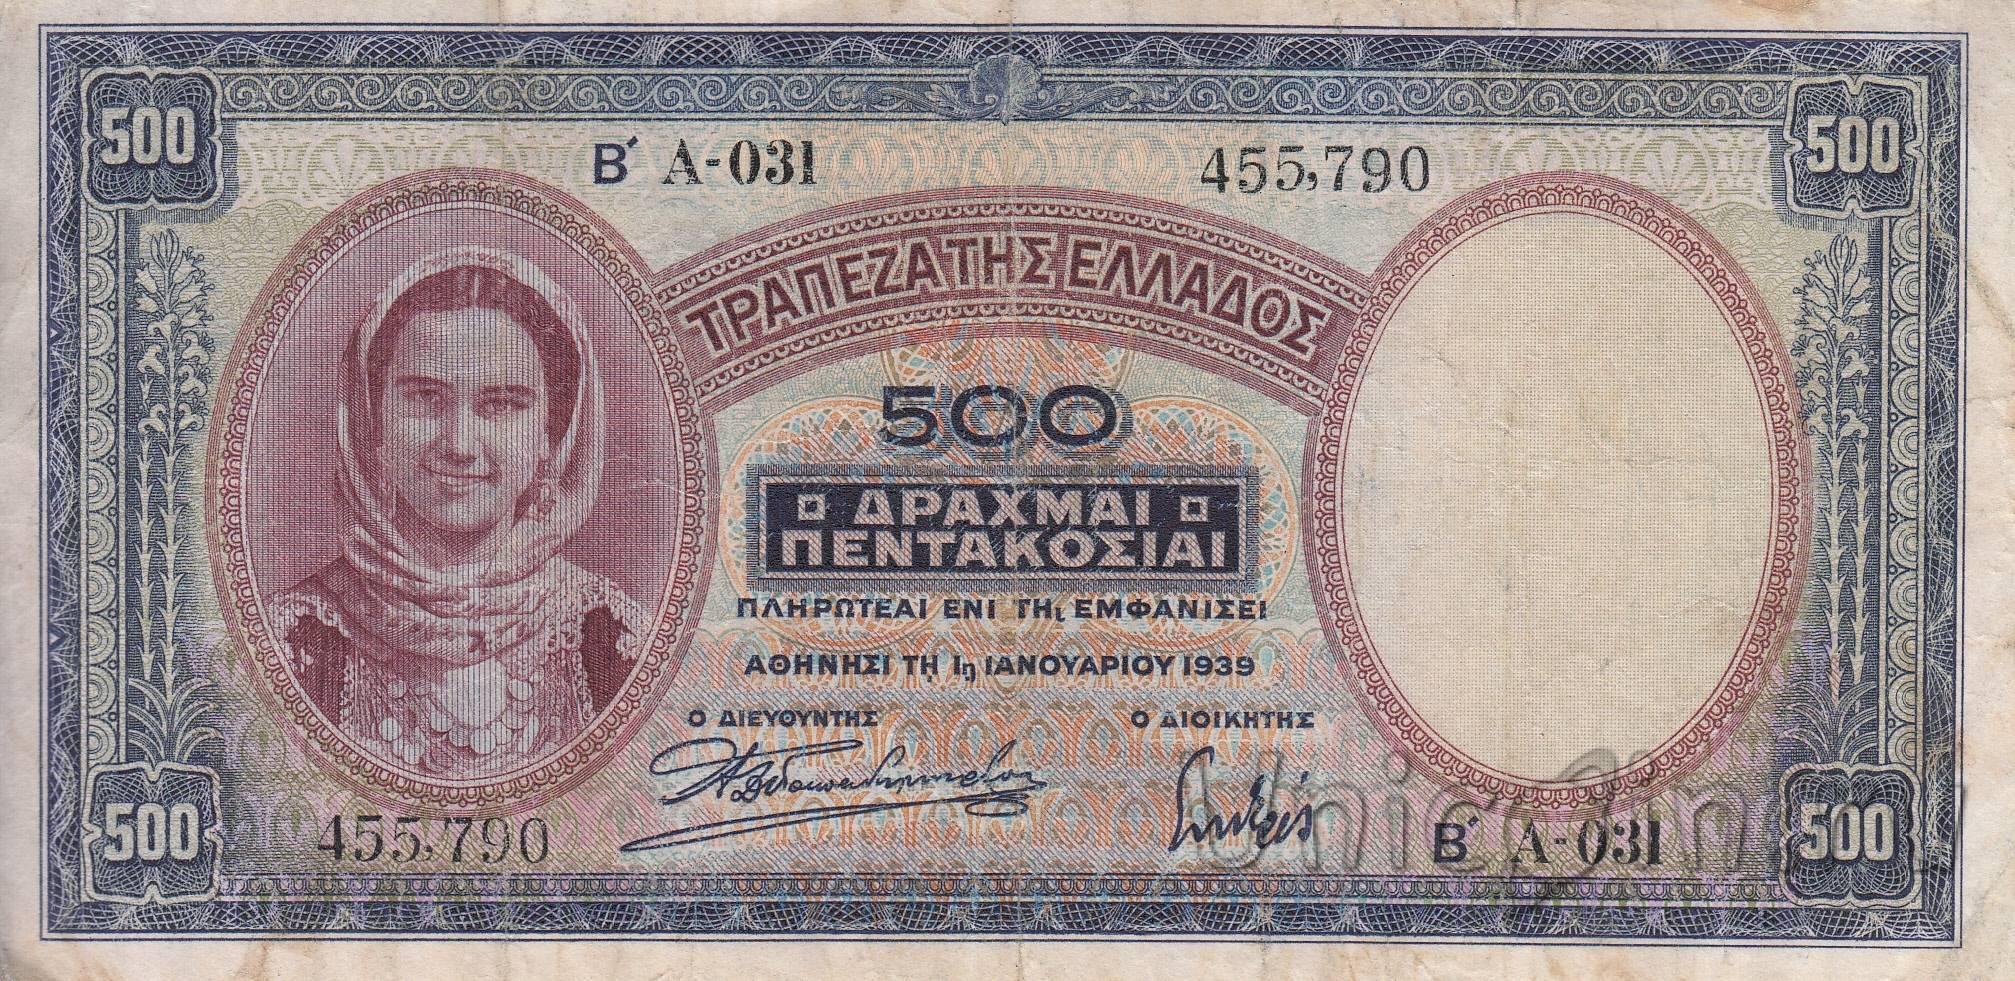 Какие деньги взять с собой в грецию